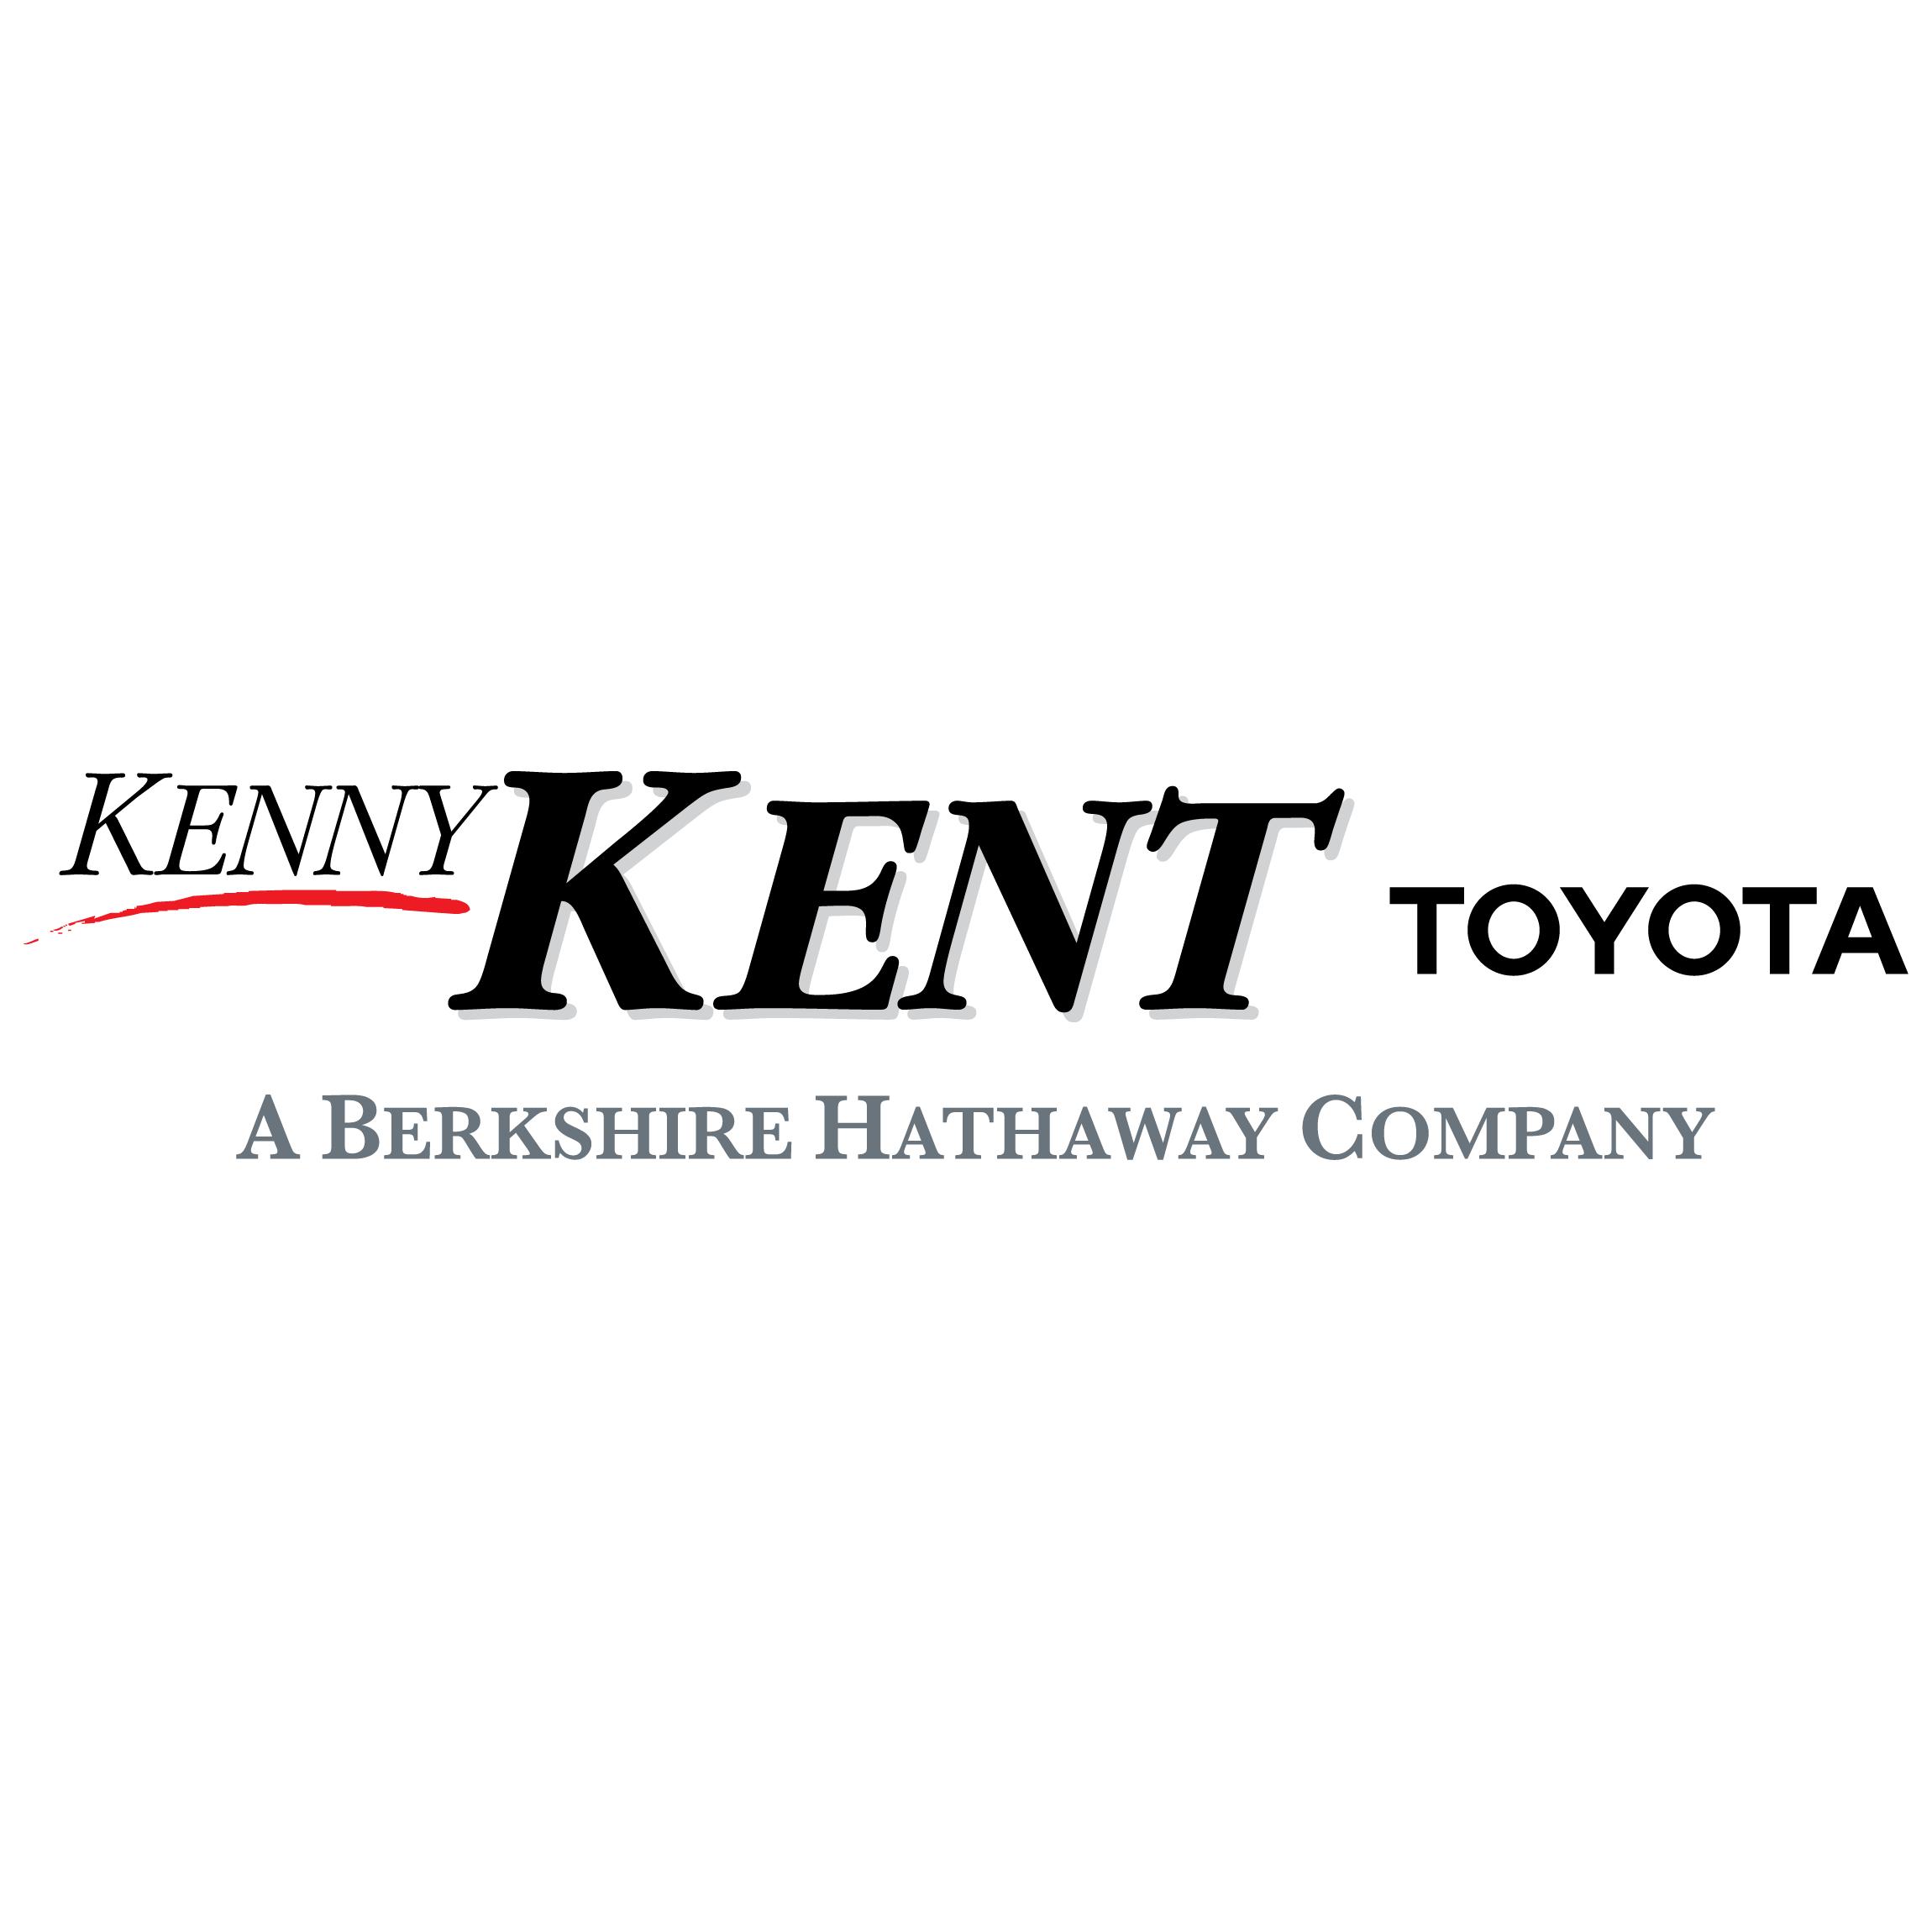 Marvelous Kenny Kent Toyota